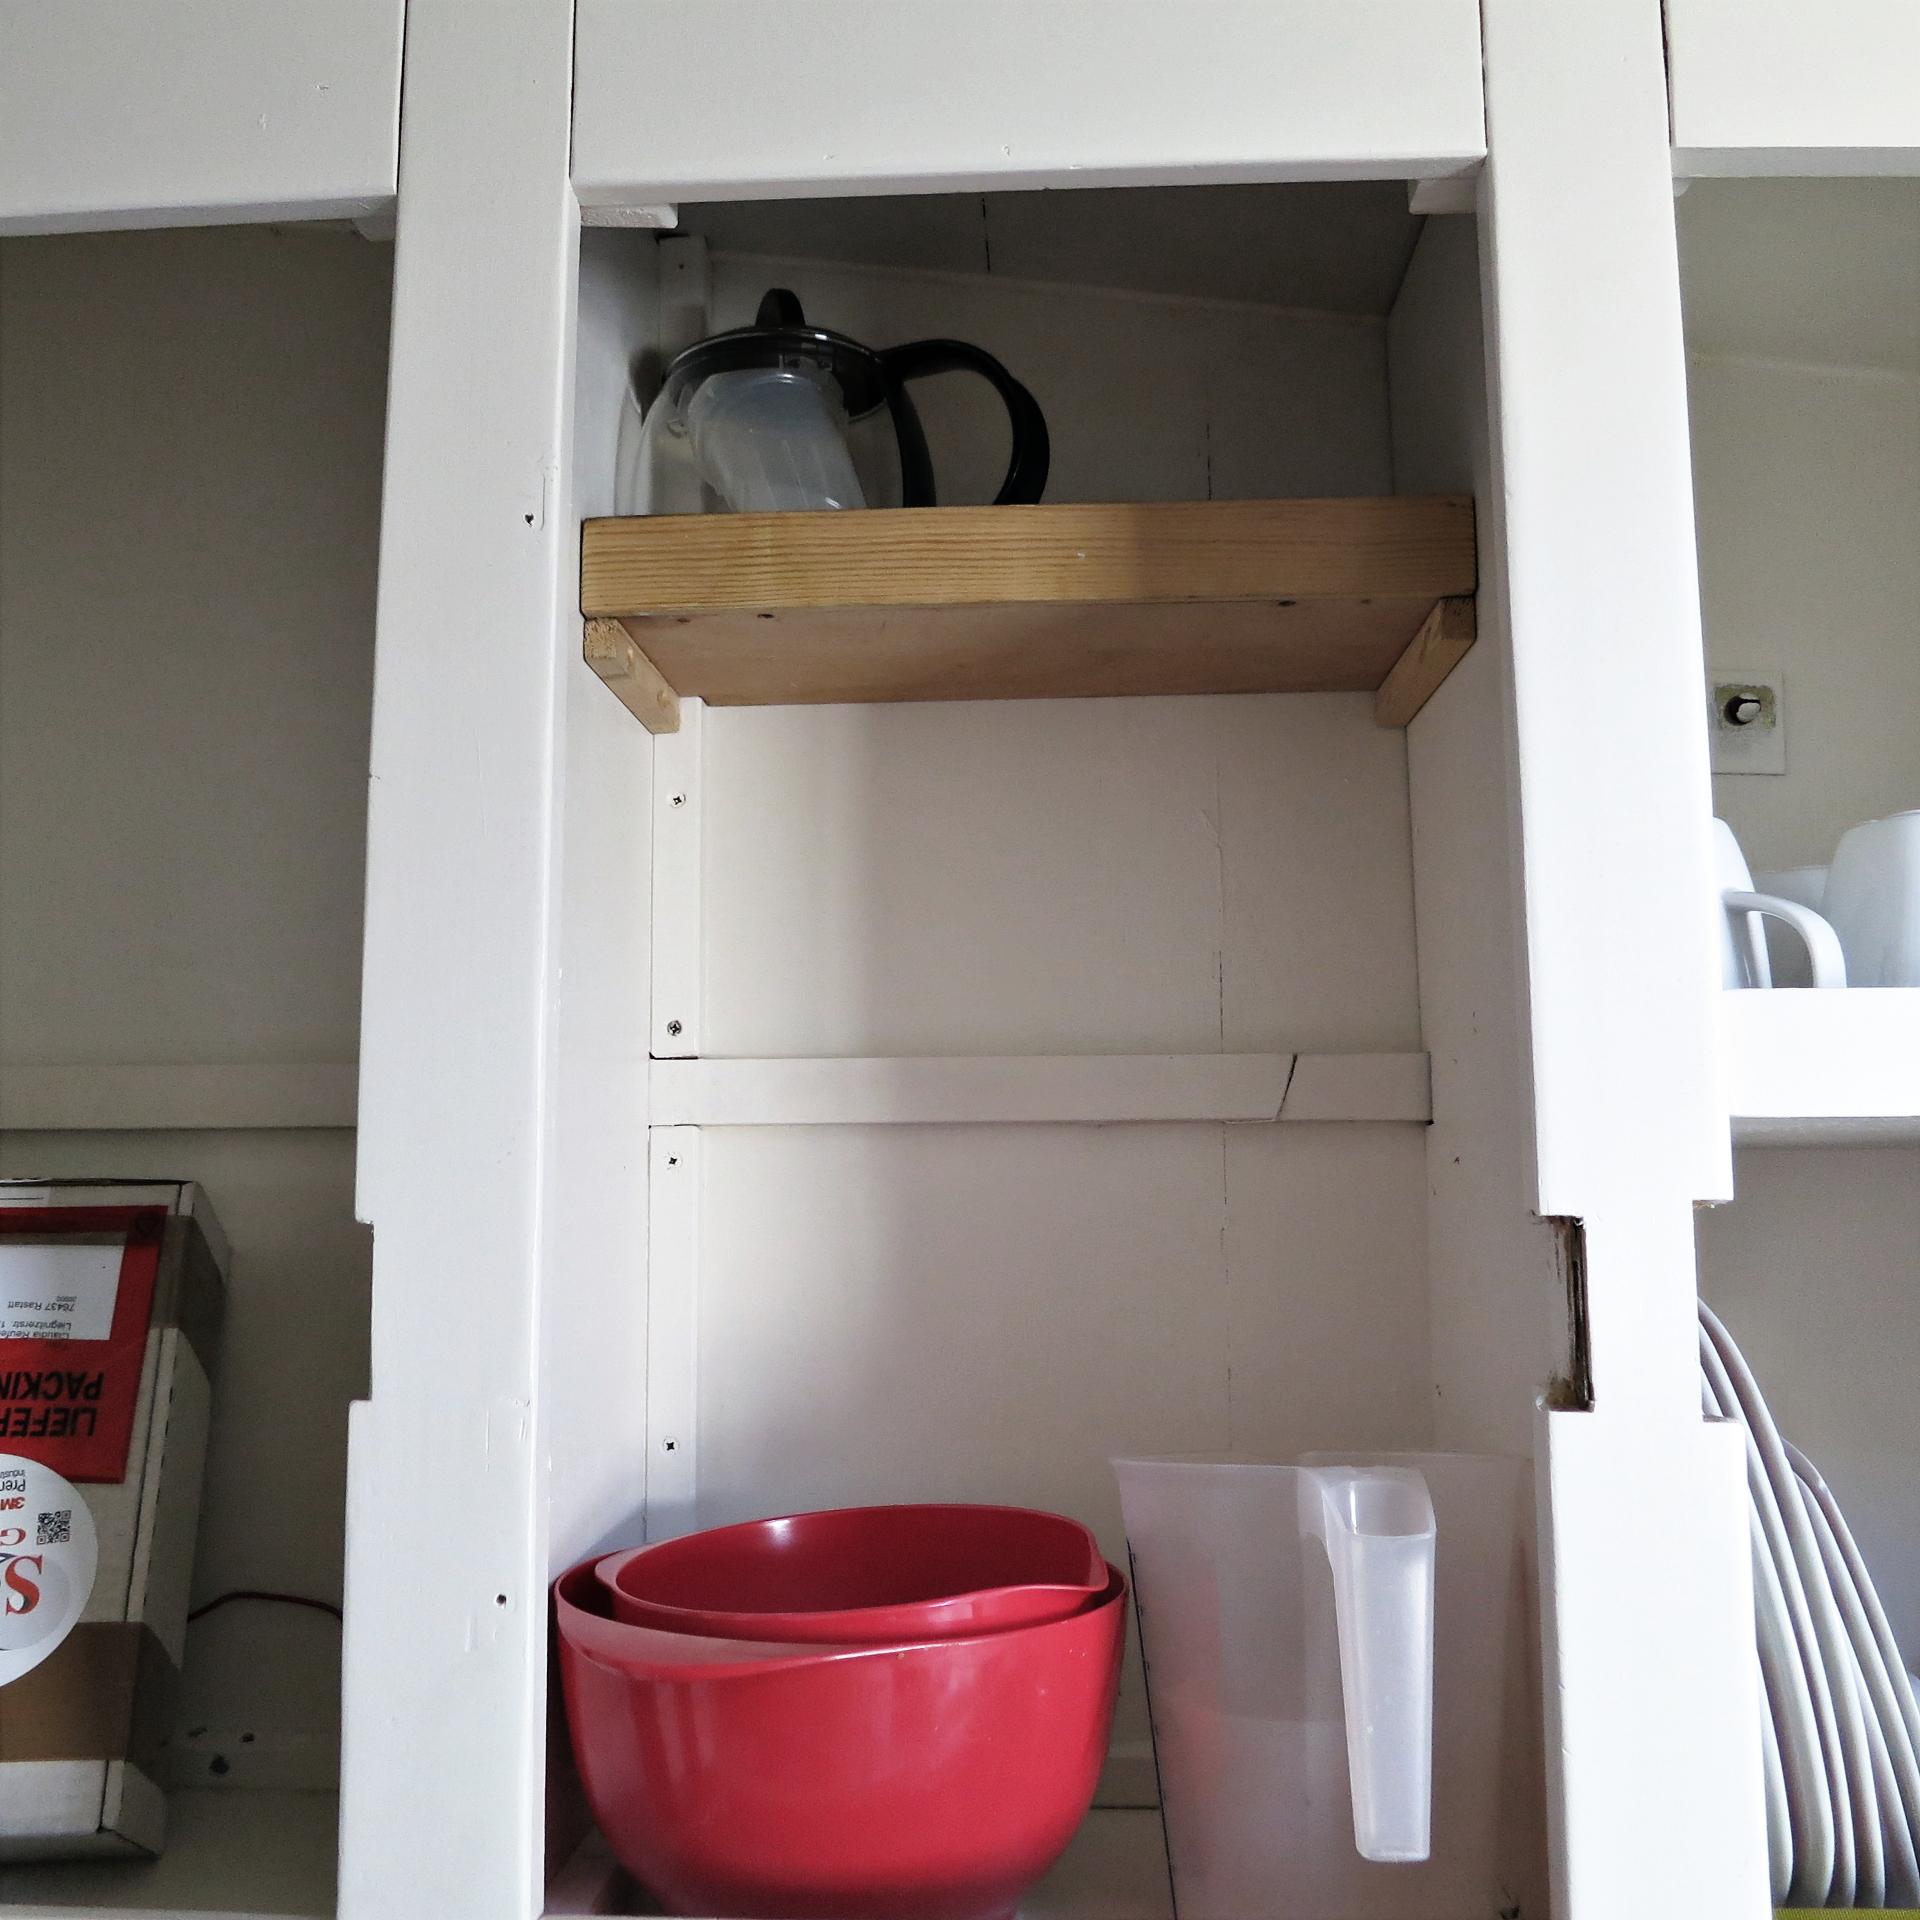 hell 39 s kitchen 14qm. Black Bedroom Furniture Sets. Home Design Ideas